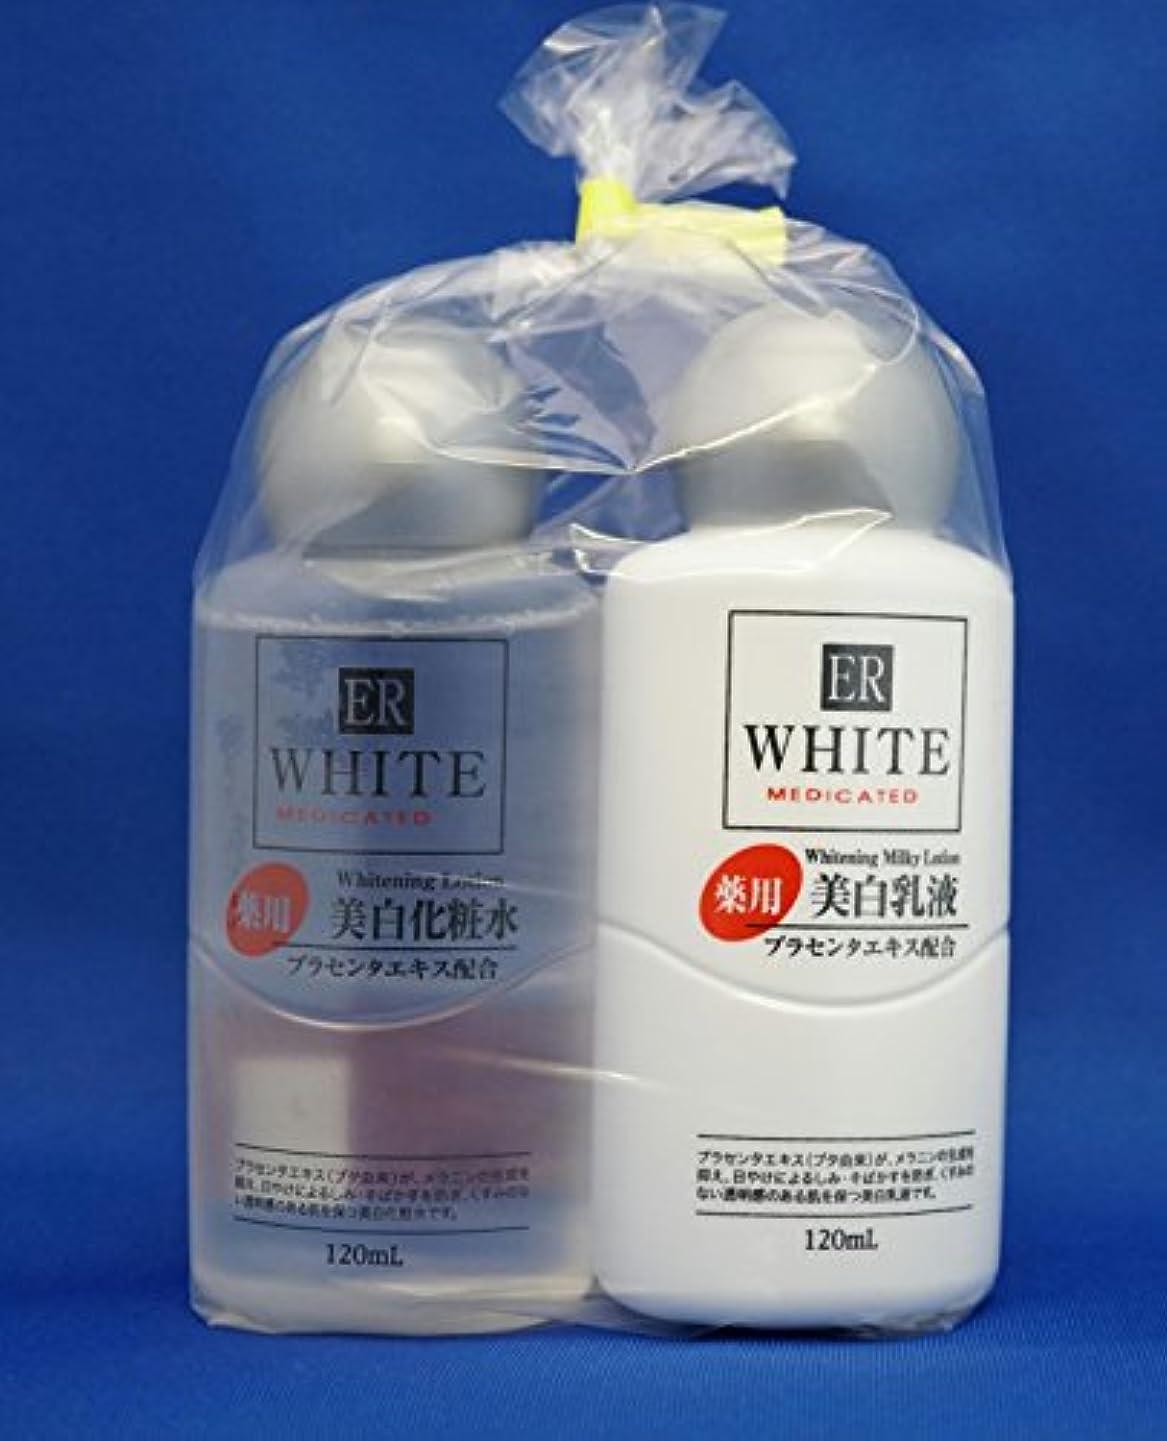 長くするお尻キャメル2個セット ダイソー ER コスモ ホワイトニング ミルクV(薬用美白乳液) と ER ホワイトニングローションV(薬用美白化粧水)